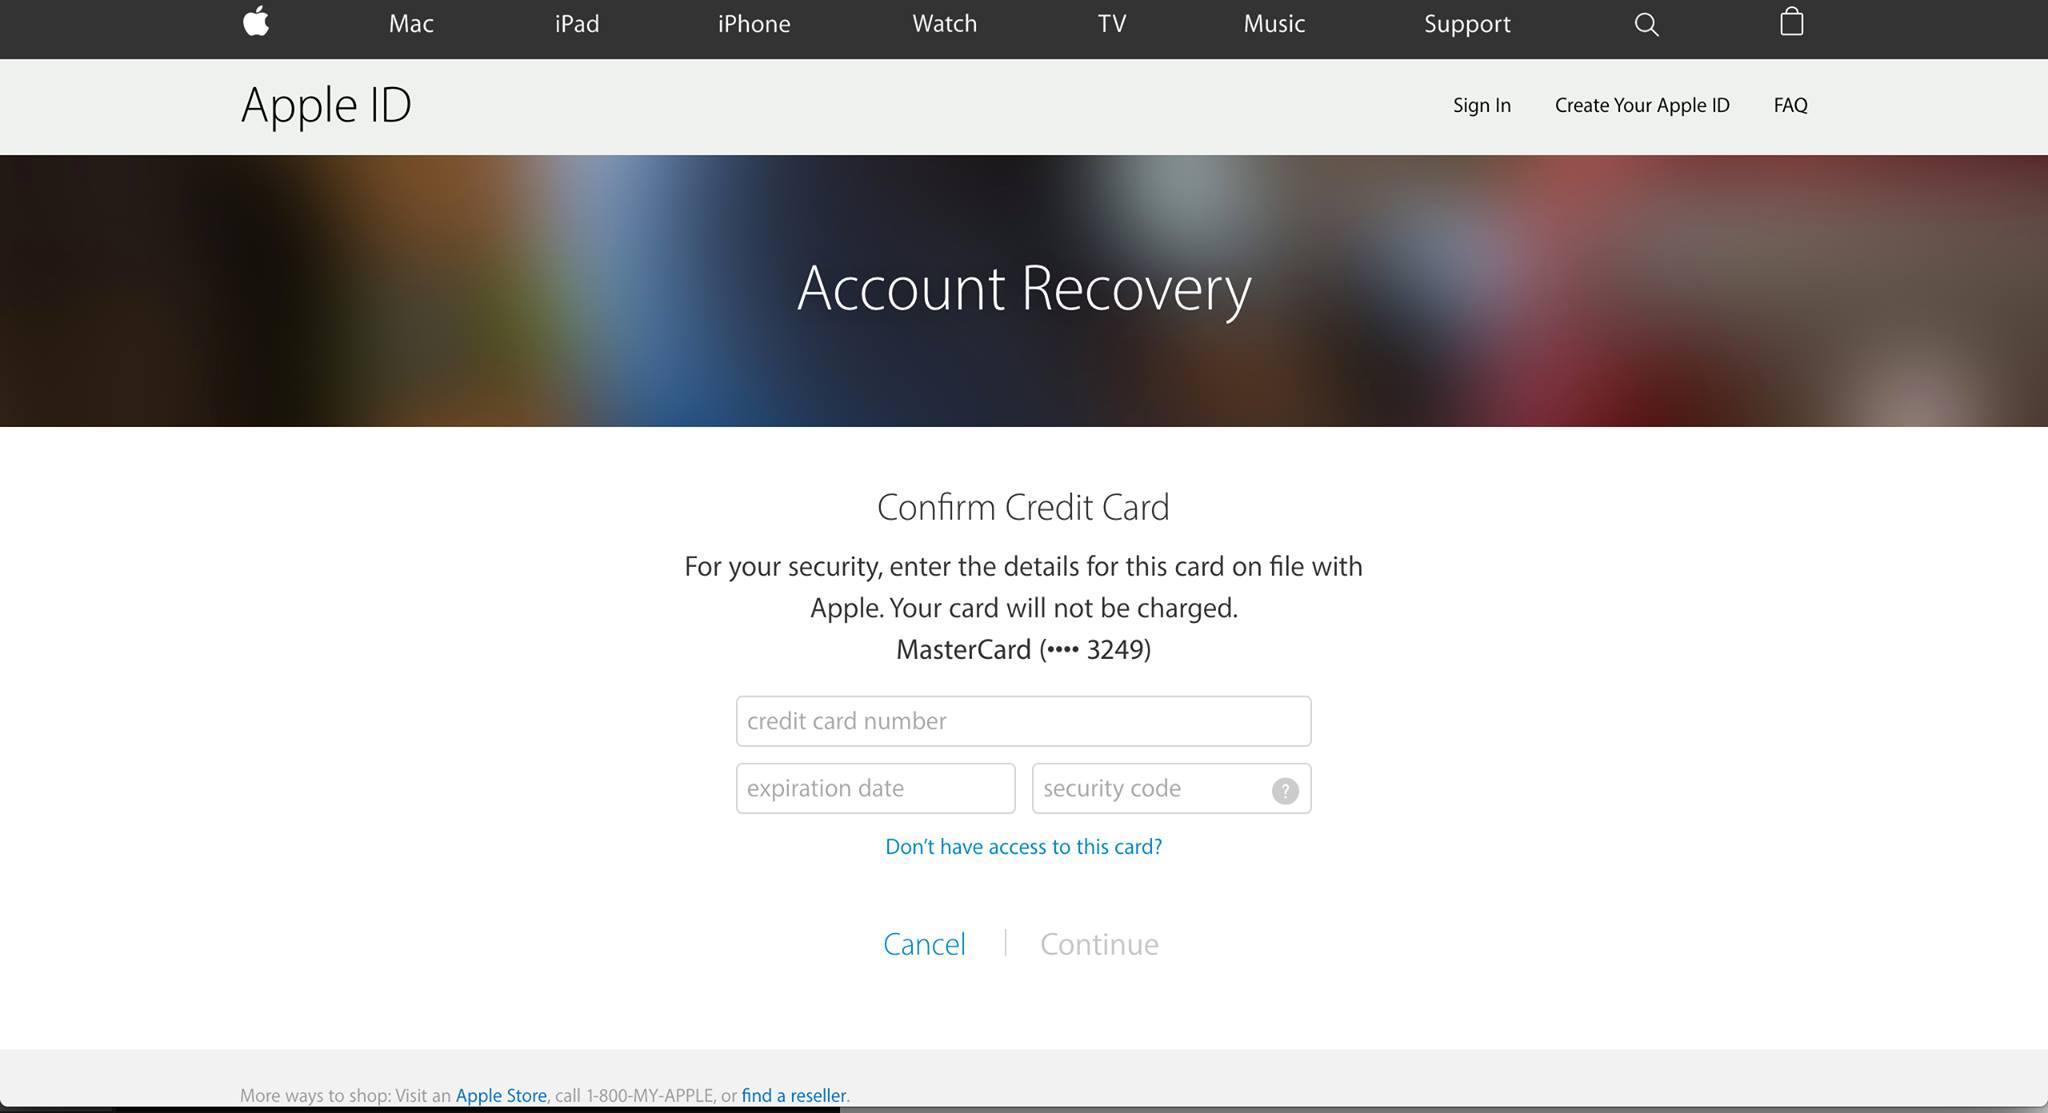 Nếu bị cướp iPhone, bạn cần tham khảo những bước sau đây để tránh hacker chiếm luôn tài khoản iCloud